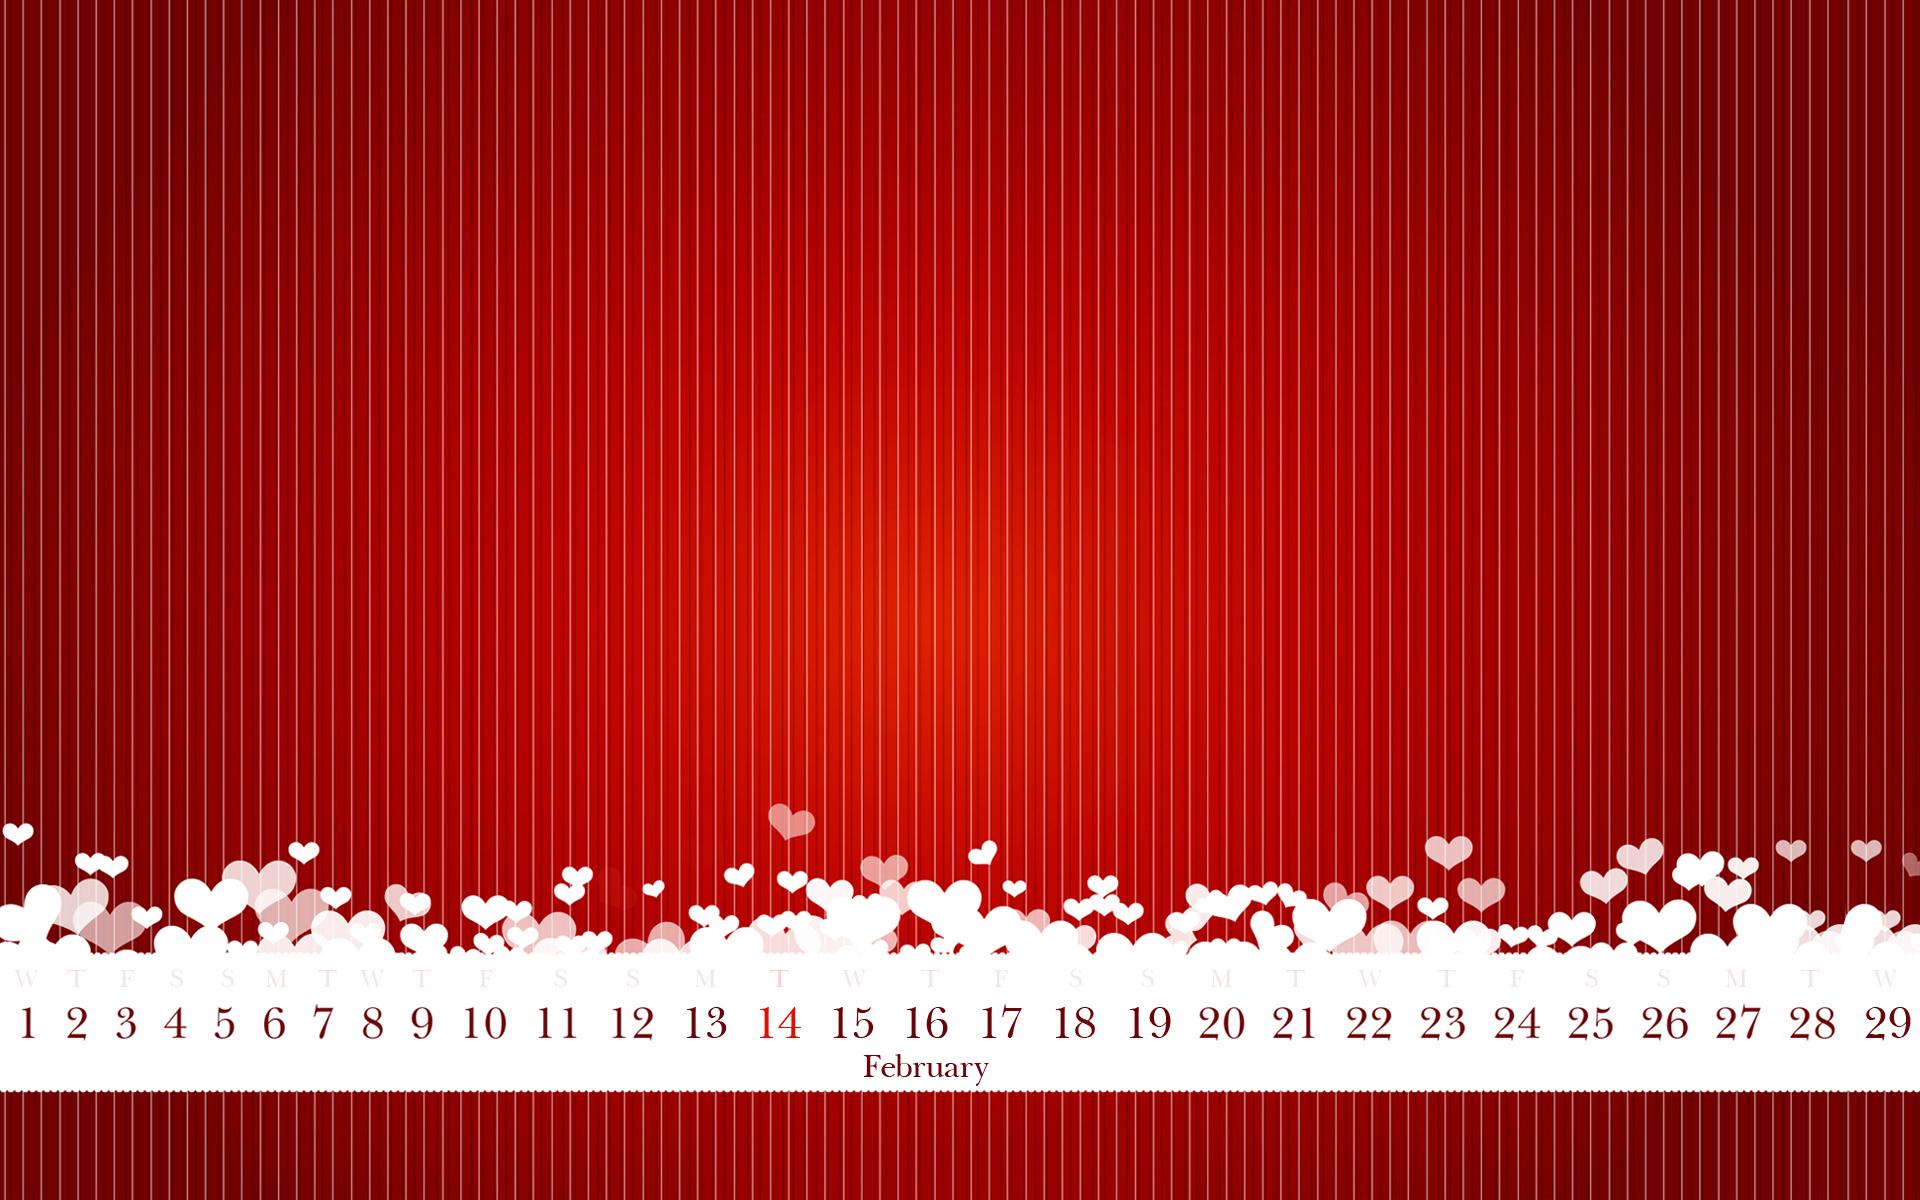 Calendar Background Images : The original calendar for valentine s day february